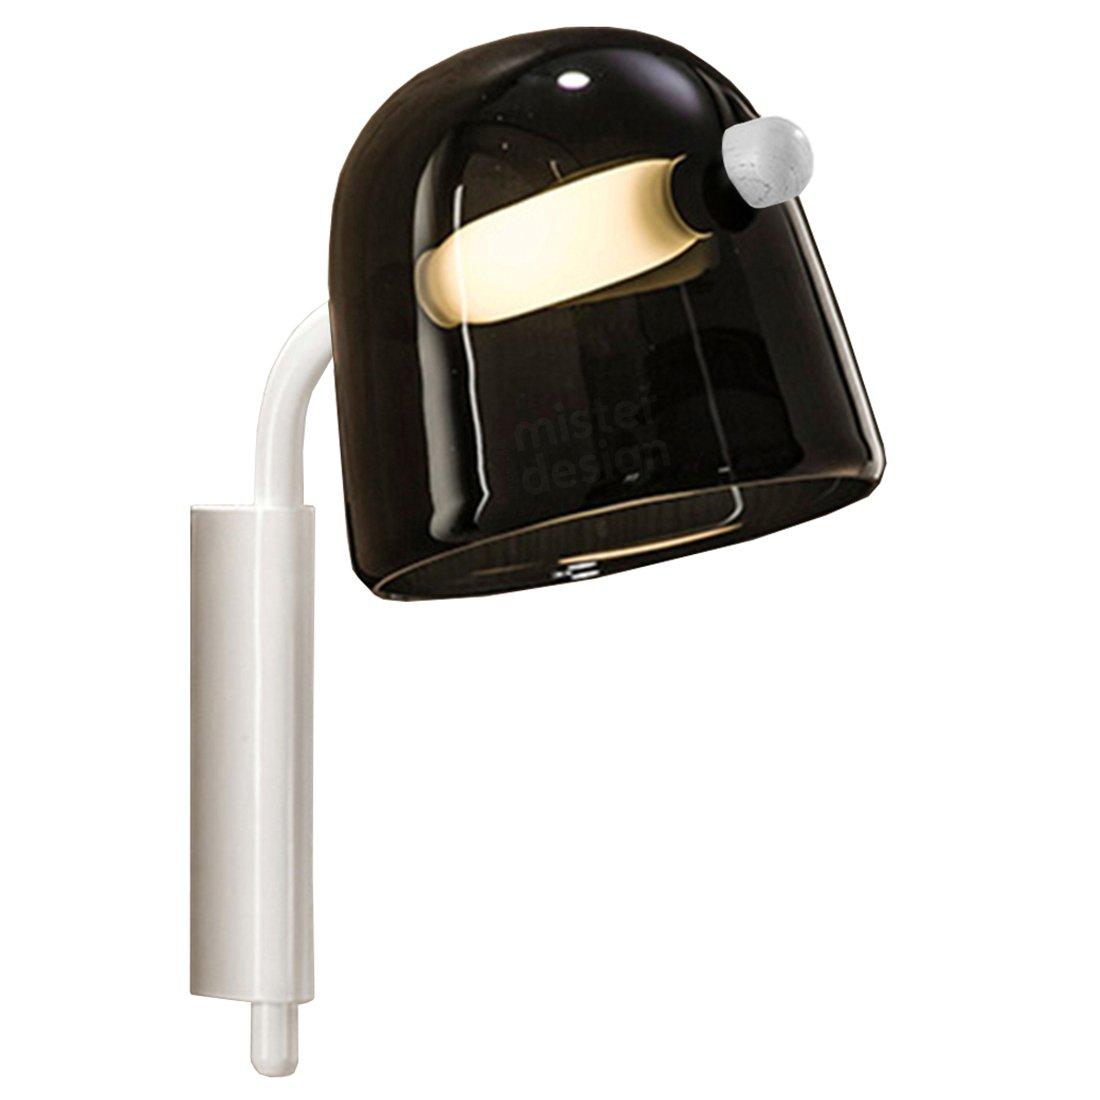 Brokis Mona Wandlamp Zwart - Witte Body